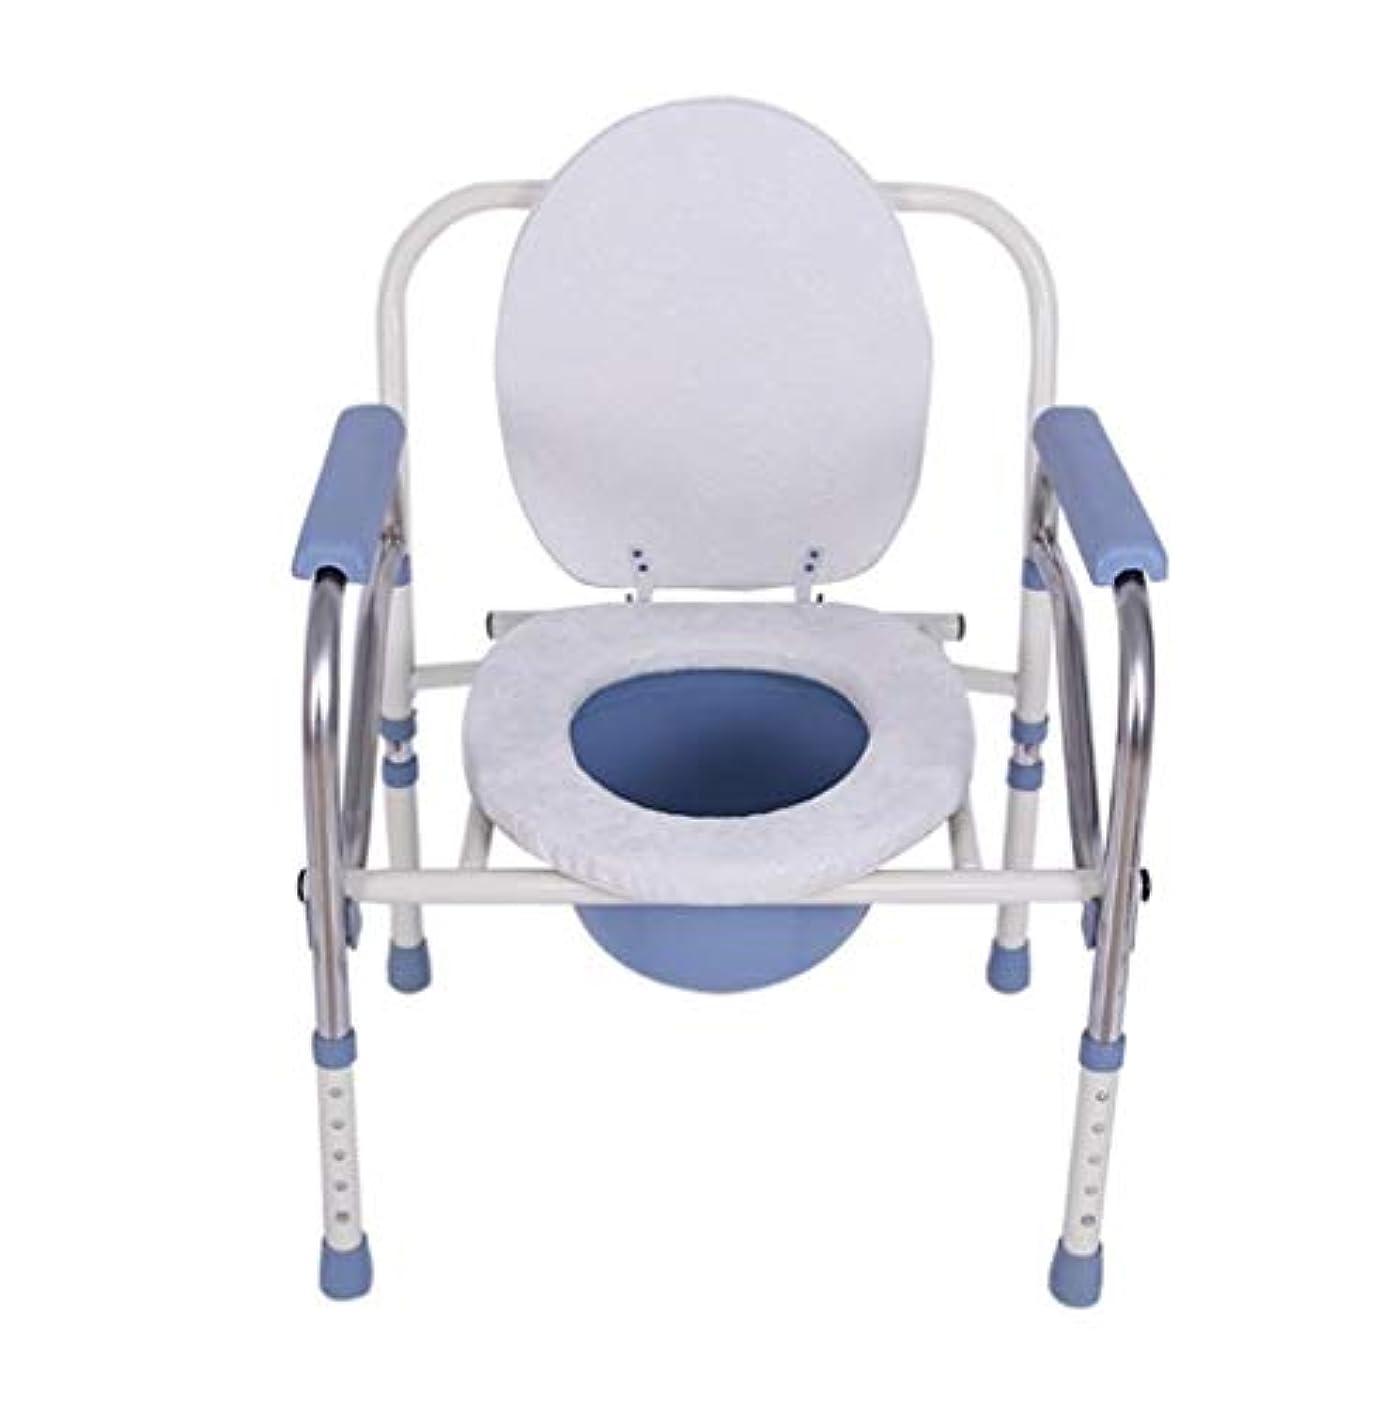 折りたたみ式ベッドサイドside椅子-ステンレススチール製トイレ付き便器バケツ付き高さ調節可能な妊婦用トイレスツール